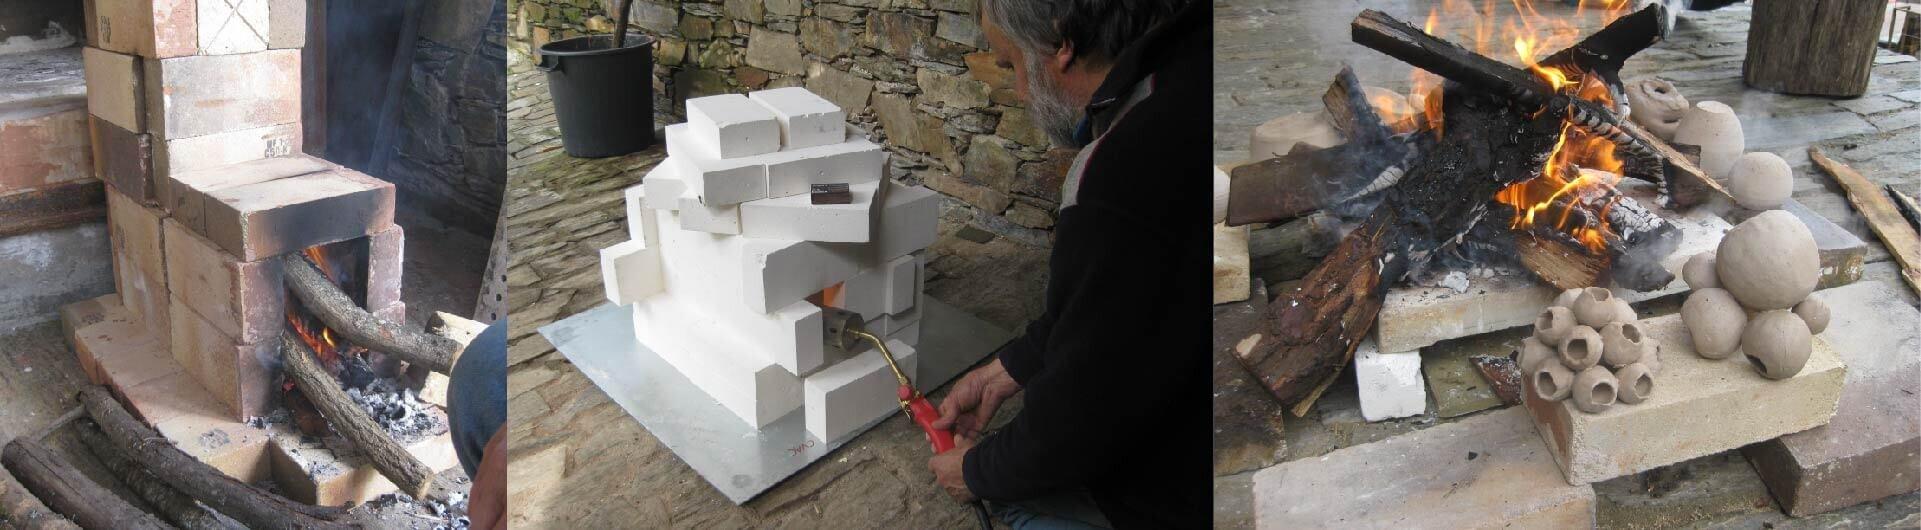 workshop-construcao-de-fornos-rudimentares-capa.jpg